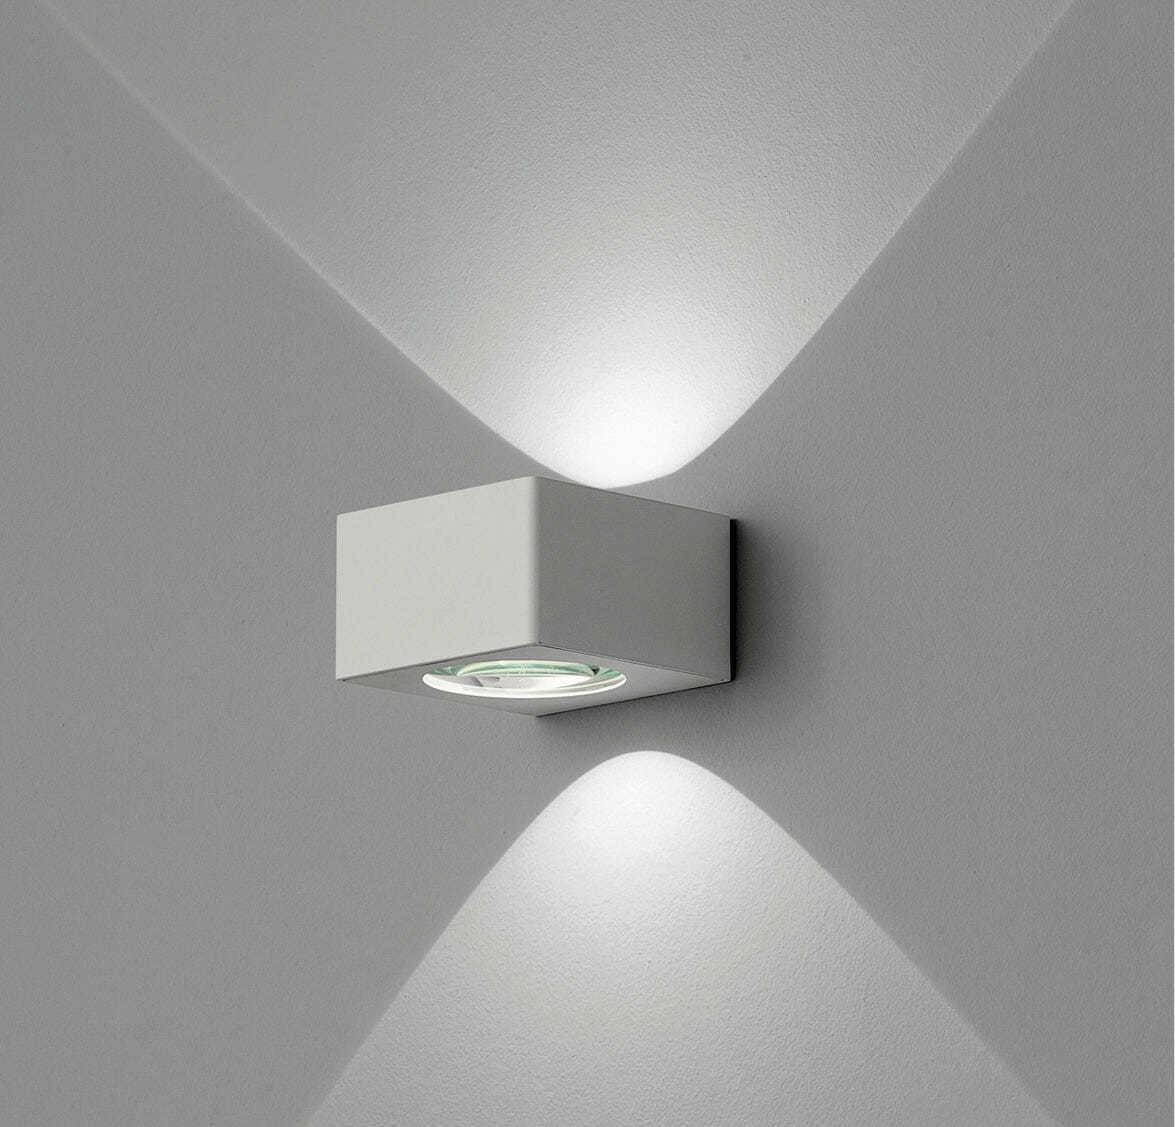 Lampada led parete biemissione lynn - Lampada parete design ...